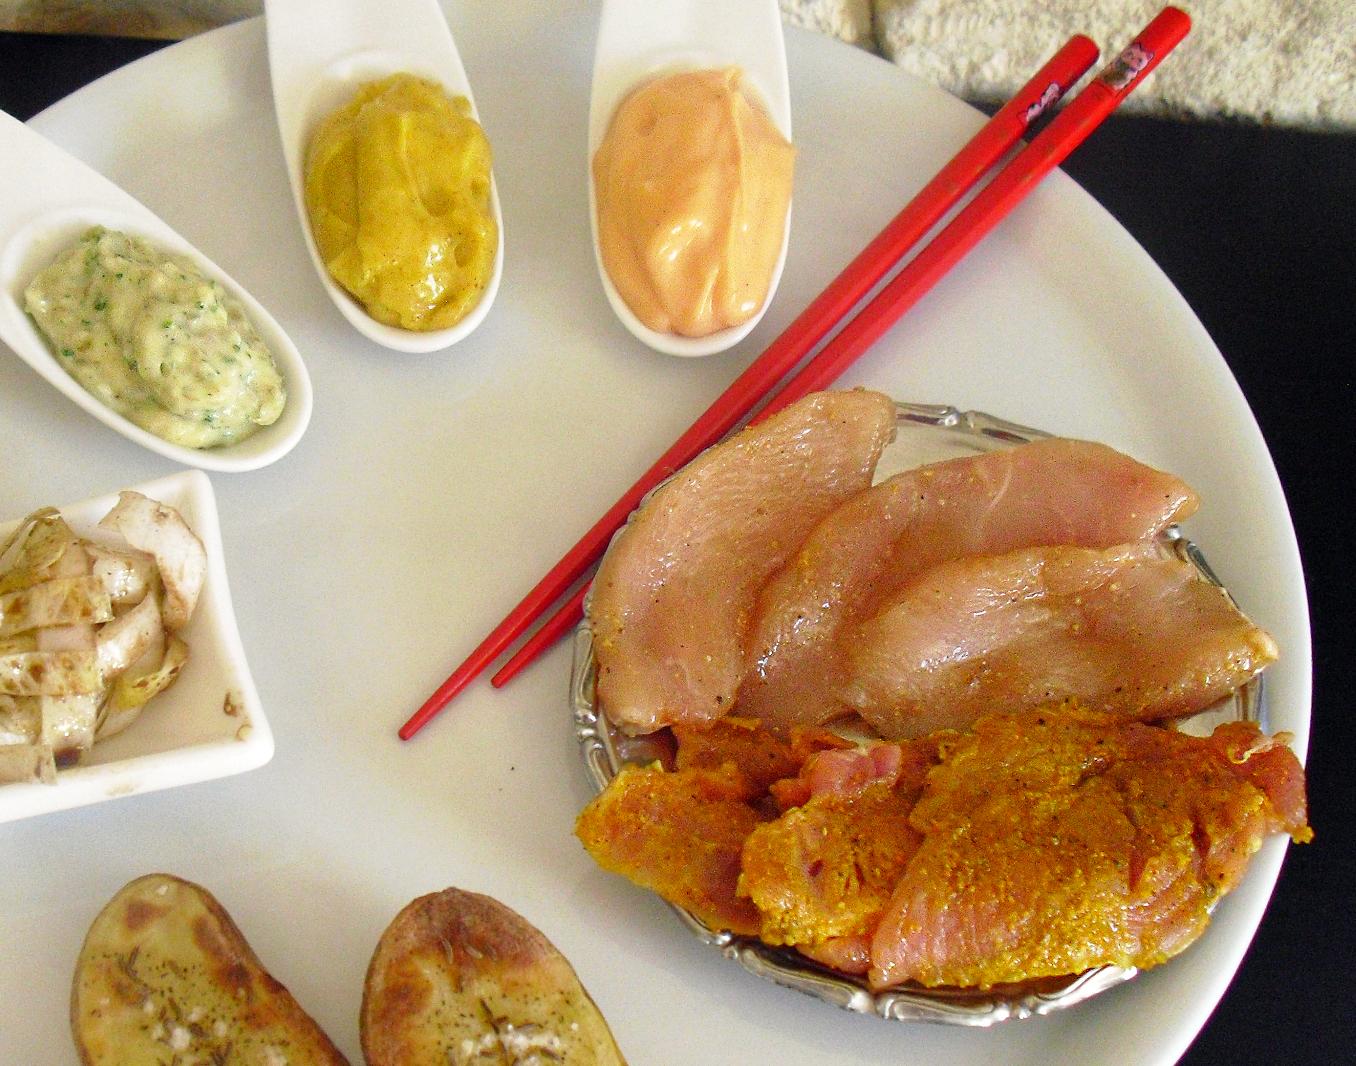 Pierrade chinoise la recette facile par toqu s 2 cuisine - France 2 telematin recette cuisine ...